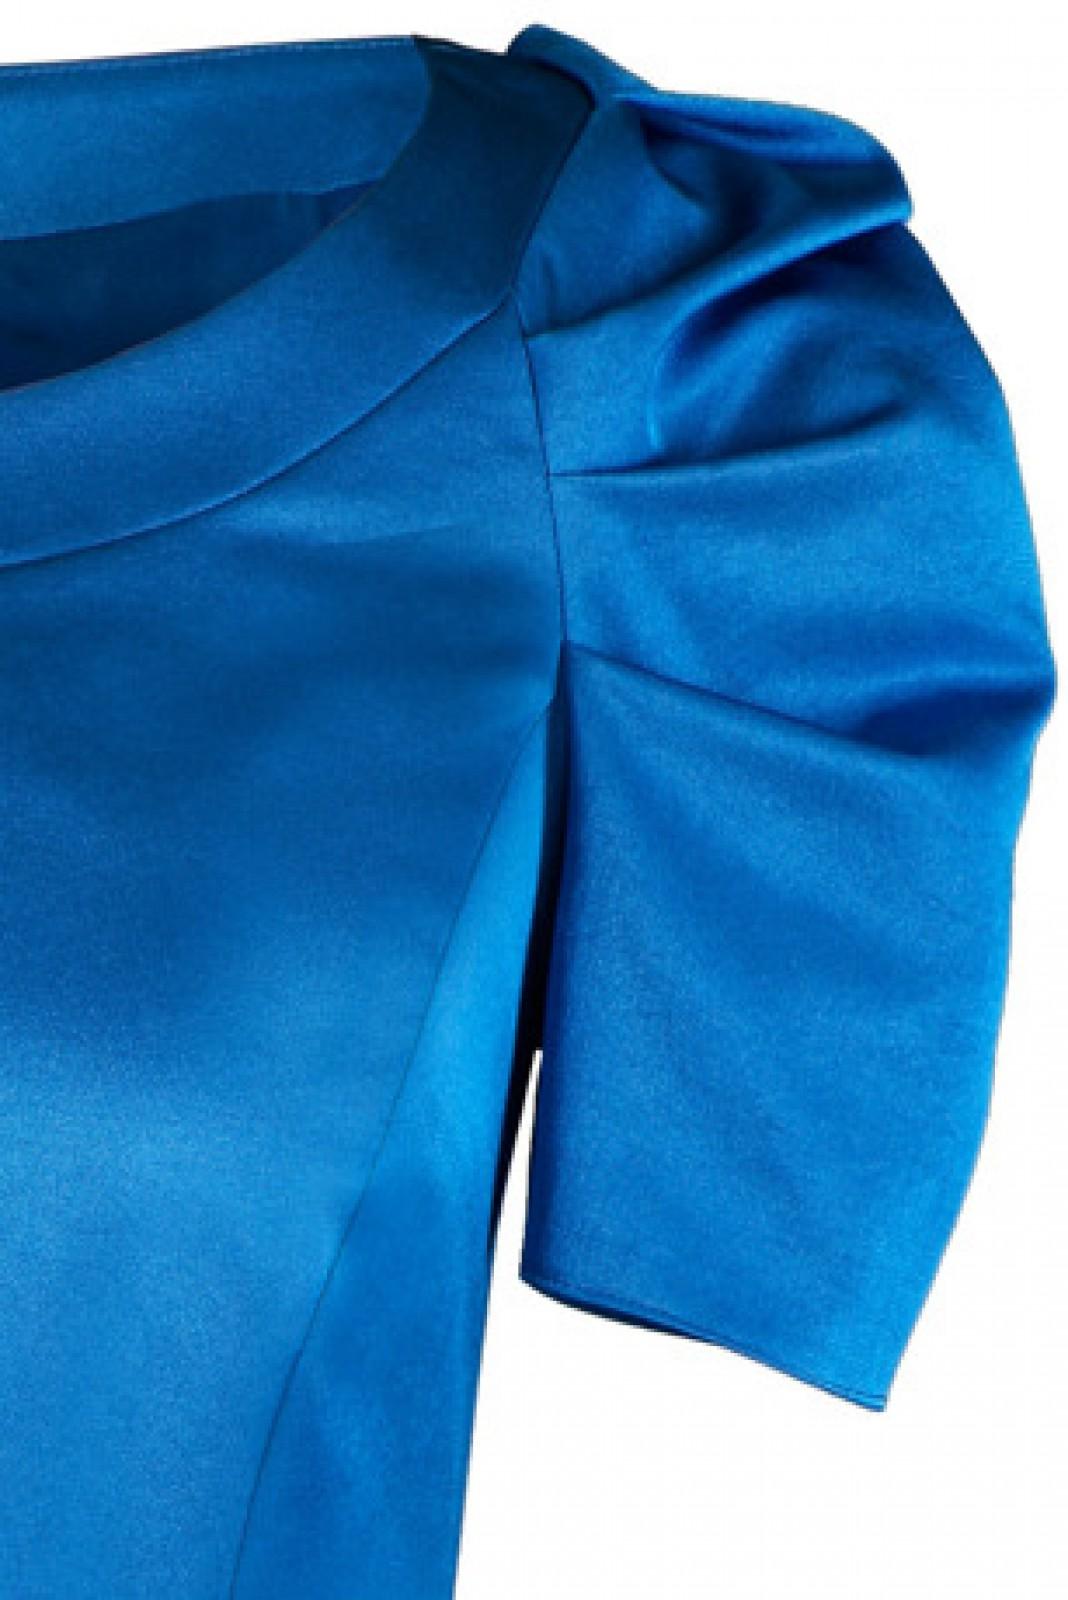 Zeitlos-elegantes Kleid in Kornblumen-Blau mit gerafften kurzen ...